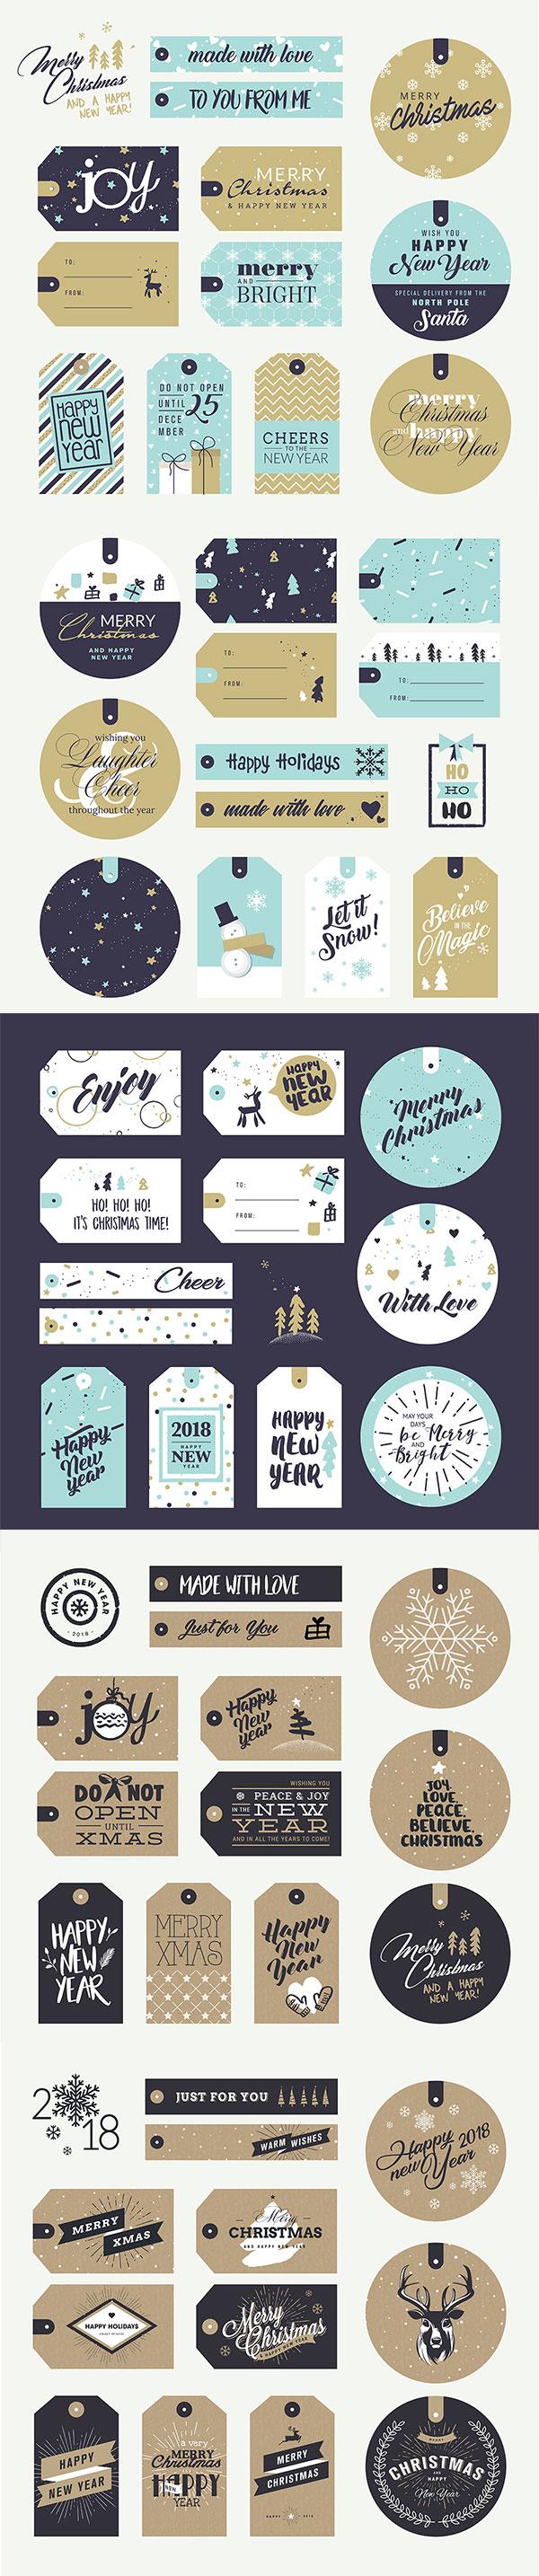 圣诞新年礼物标签